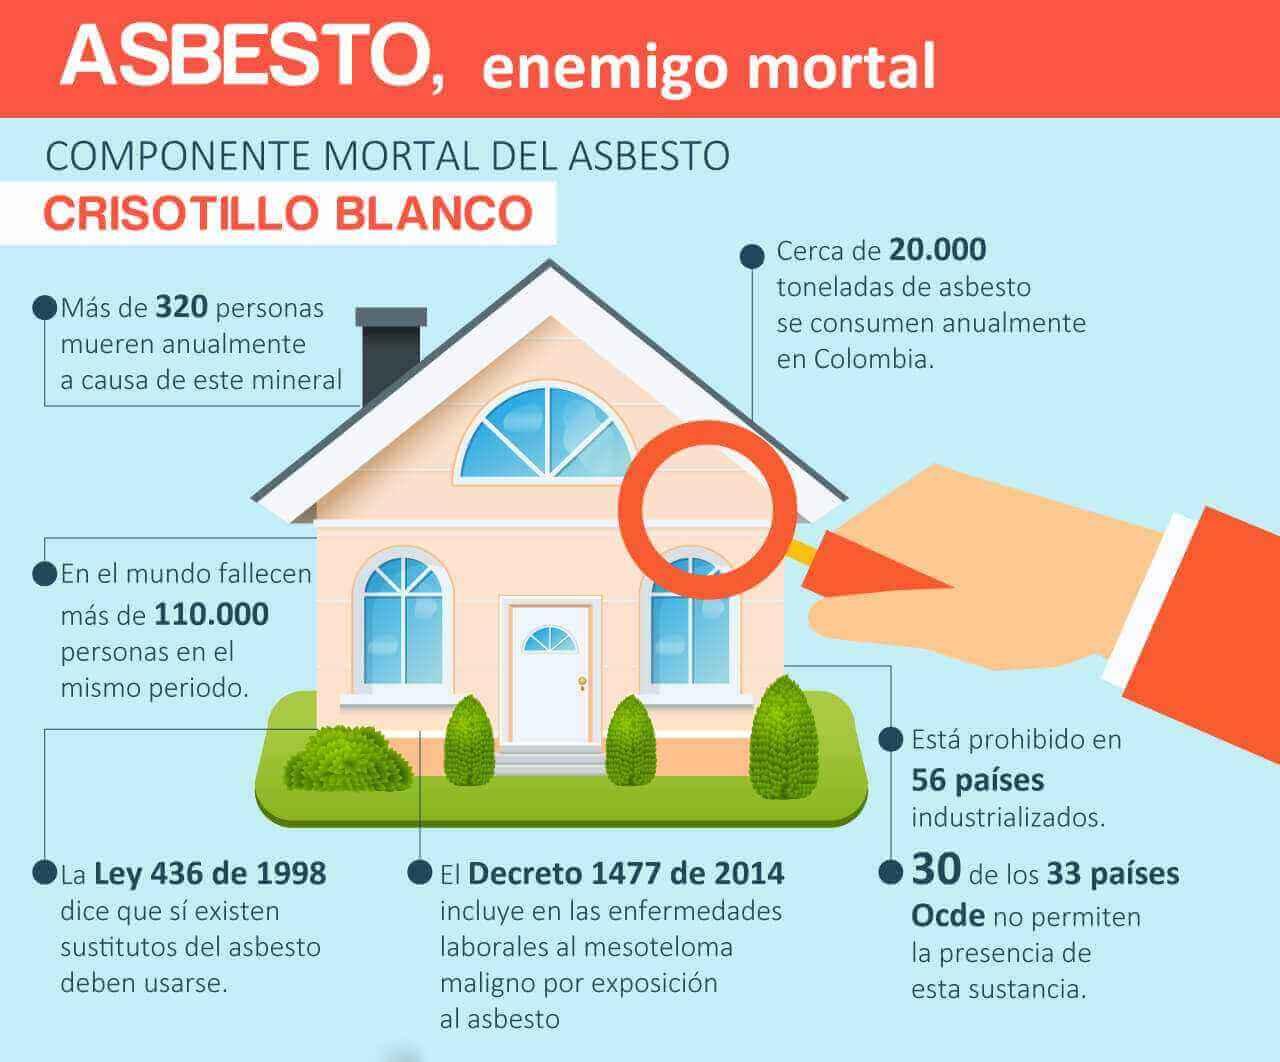 Riesgos del asbesto